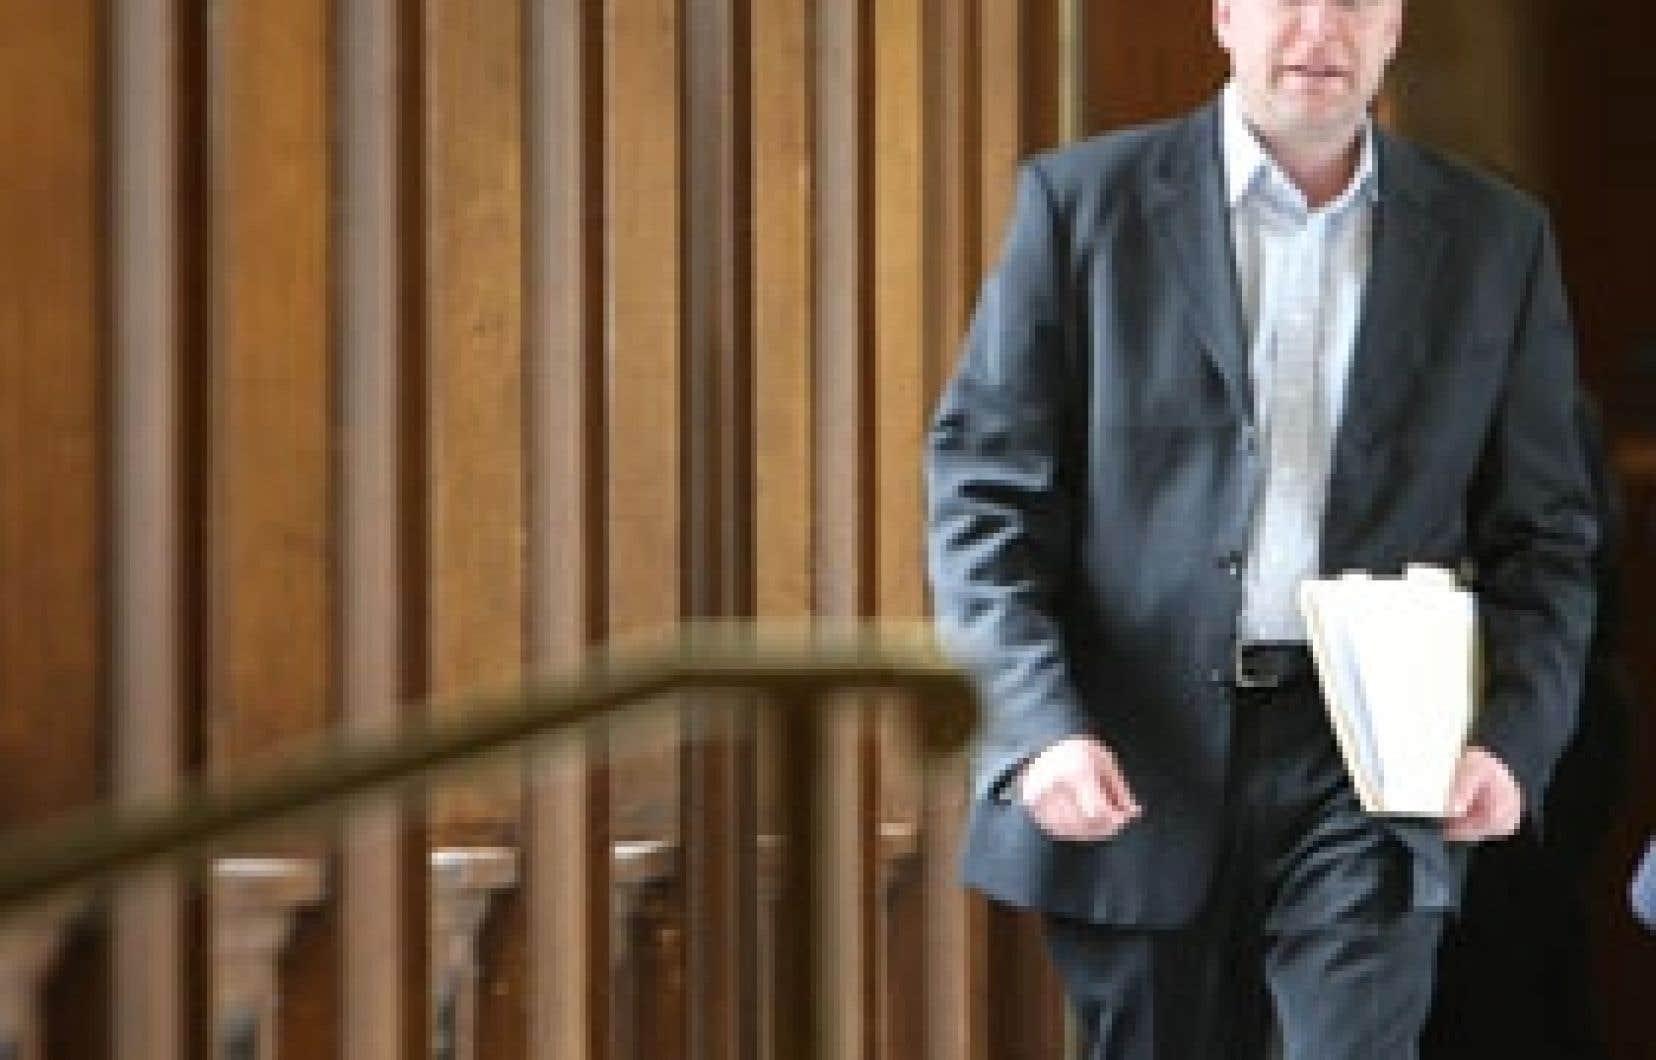 Le ministre des Ressources naturelles, Claude Béchard, devrait être à Shawinigan vendredi. La mairesse de la ville en profitera pour lui renouveler la demande de bénéficier d'un bloc d'électricité à bon prix pour que les entreprises soient in